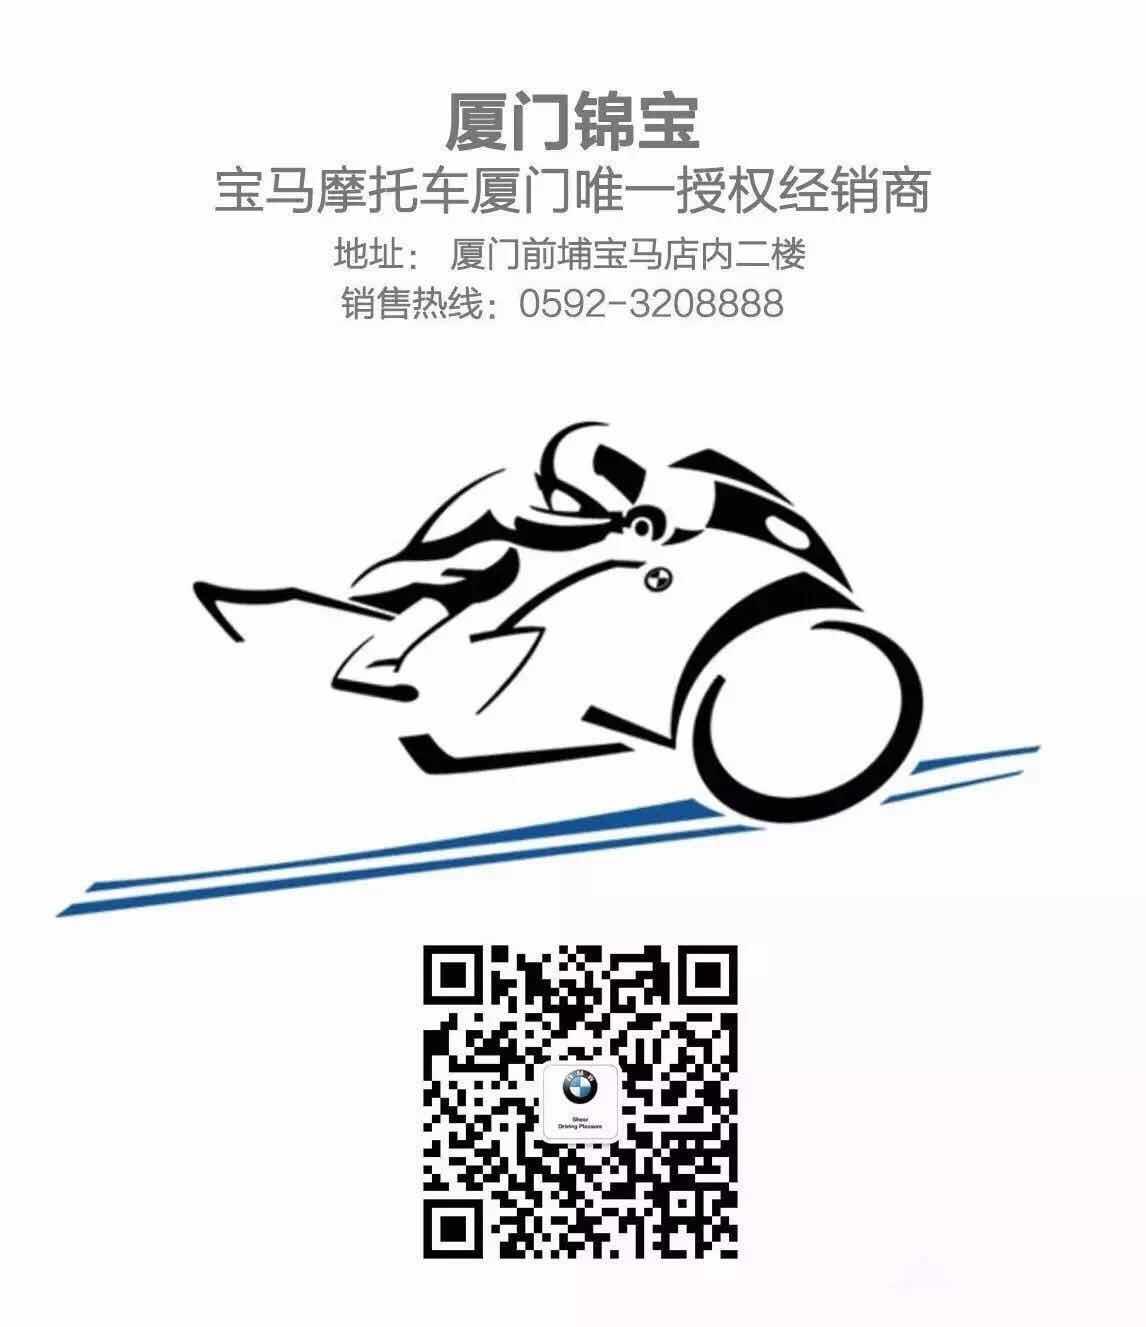 微信图片_20171128165809